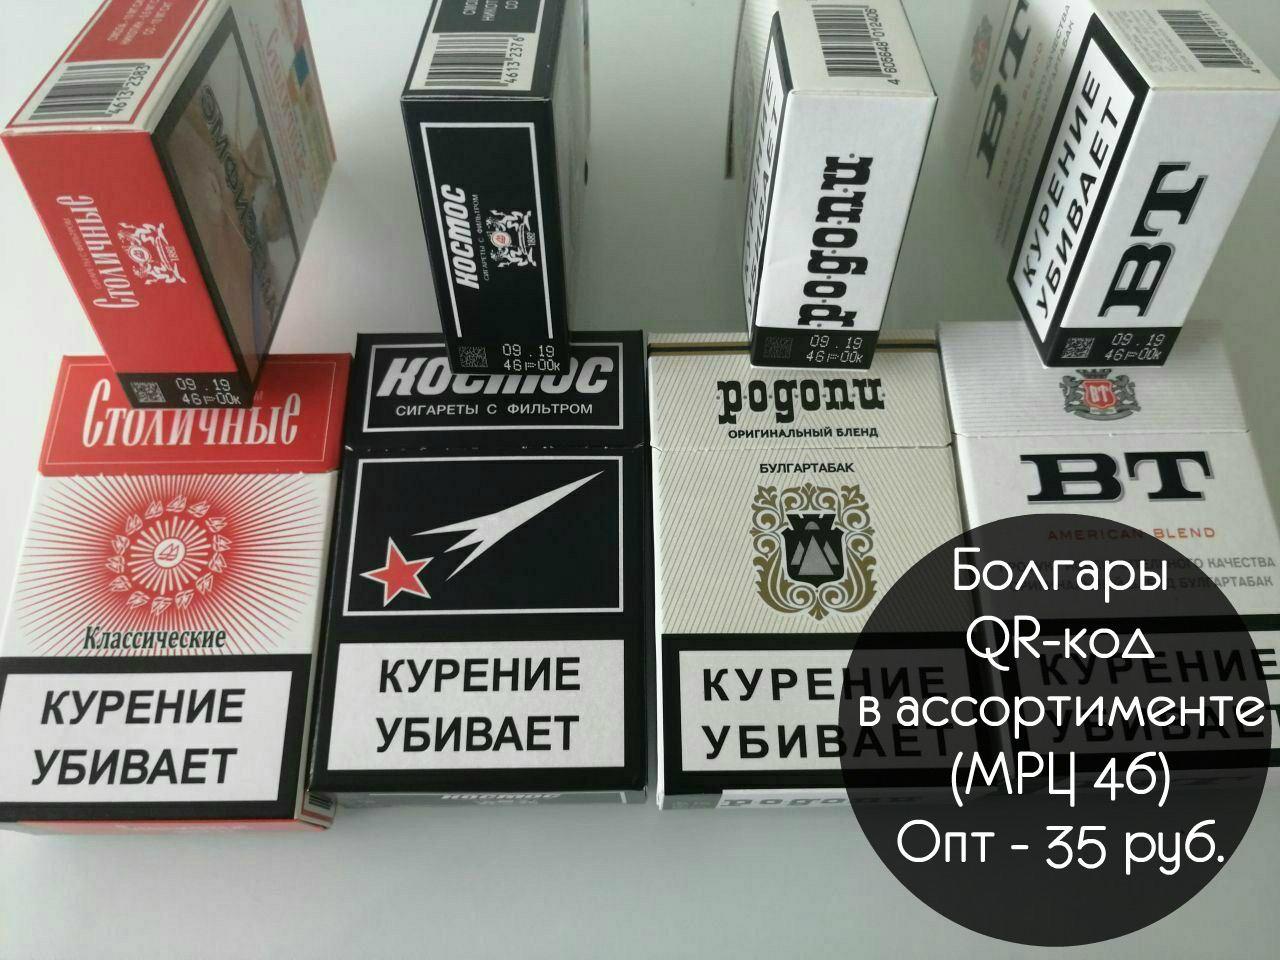 Сигареты оптом телеграмм hqd электронные сигареты одноразовые купить в красноярске